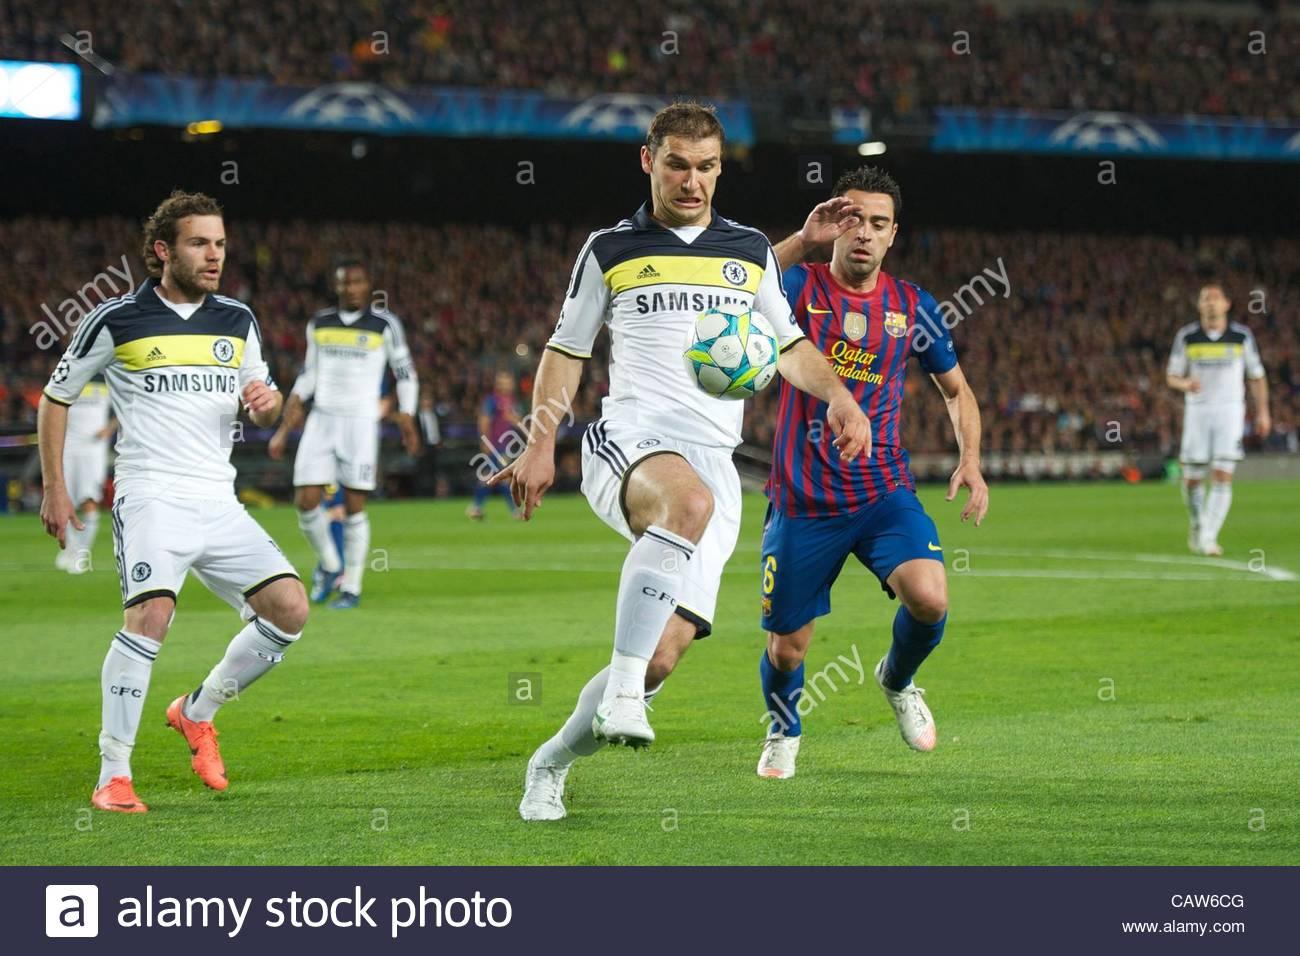 BARCELONA, SPAIN - Tuesday, April 24, 2012: Chelsea's Branislav Ivanovic and FC Barcelona's Xavi Hernandez - Stock Image